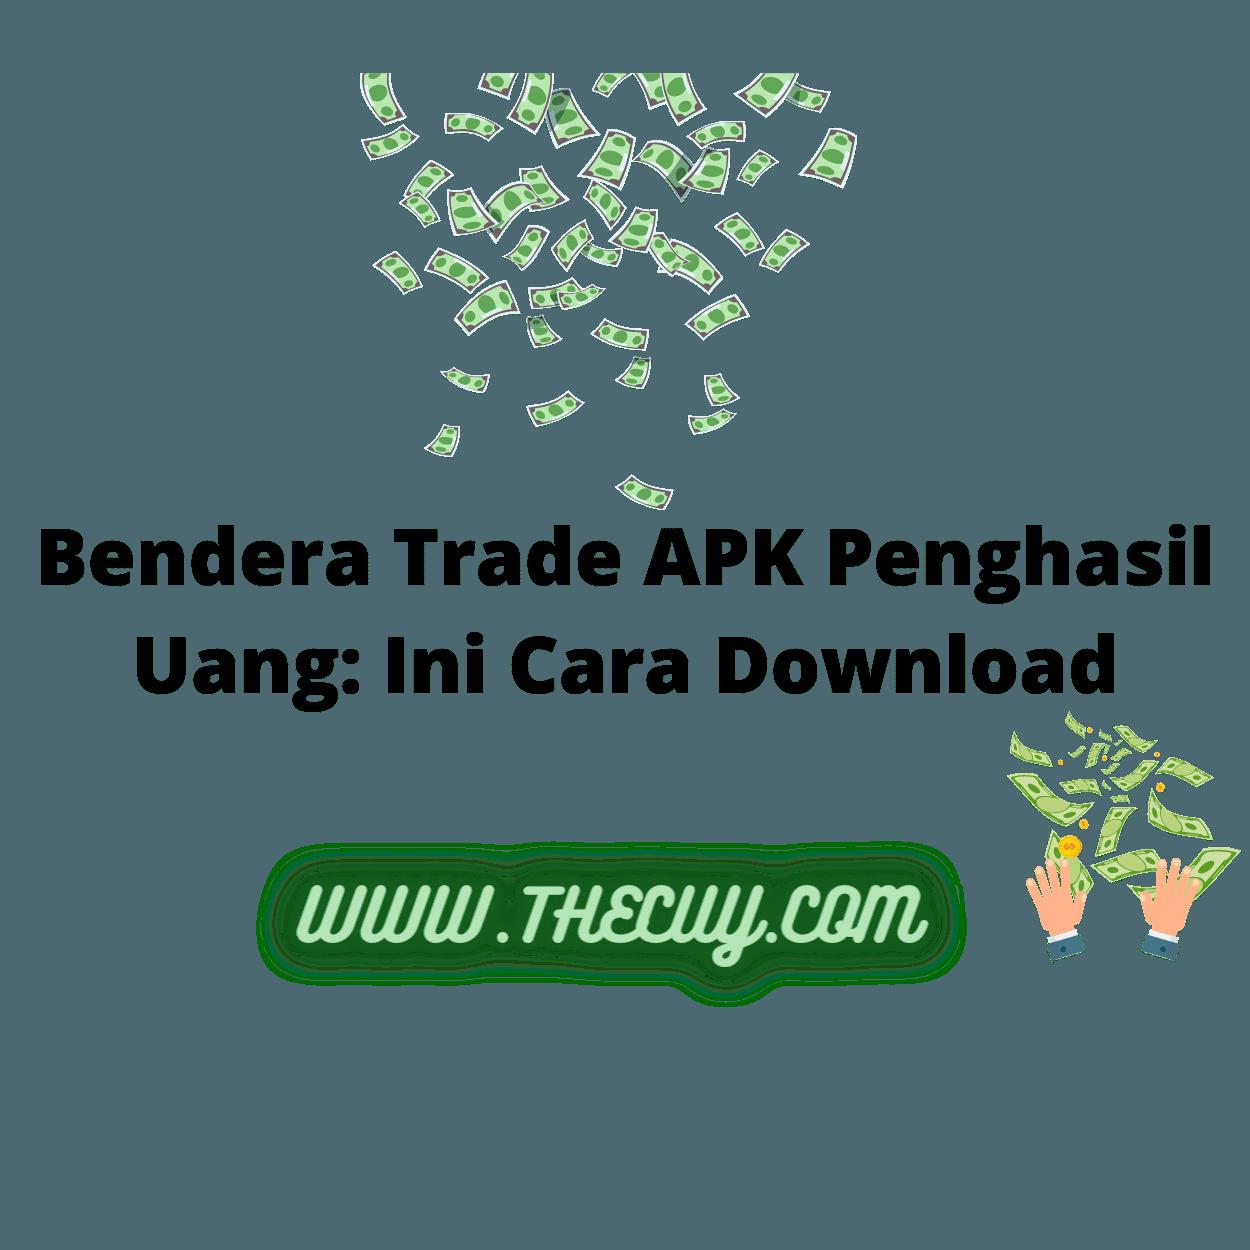 Bendera Trade APK Penghasil Uang: Ini Cara Download